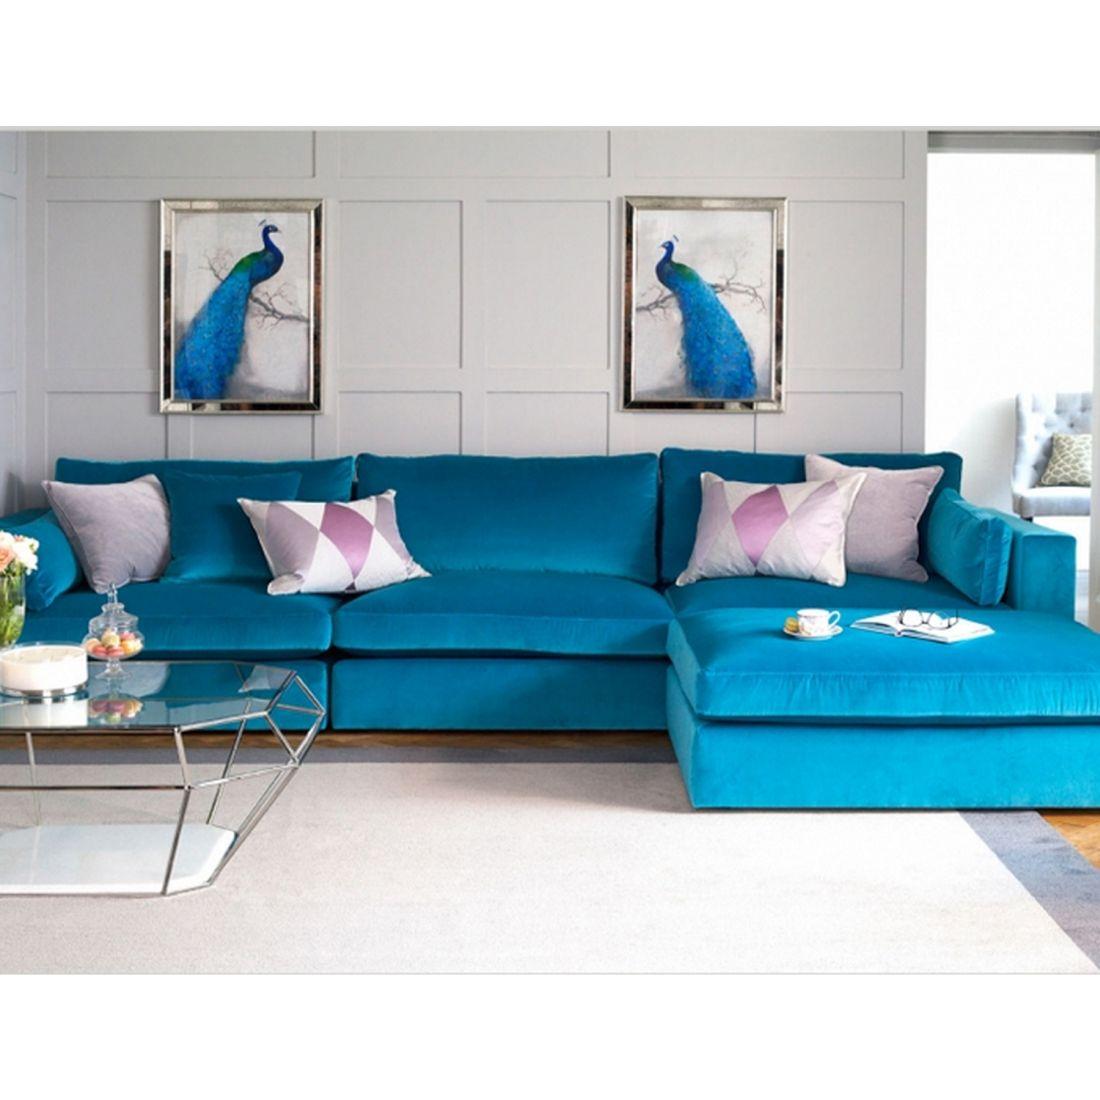 4sweetpea-amp-willow_lansdowne-sofa.jpg